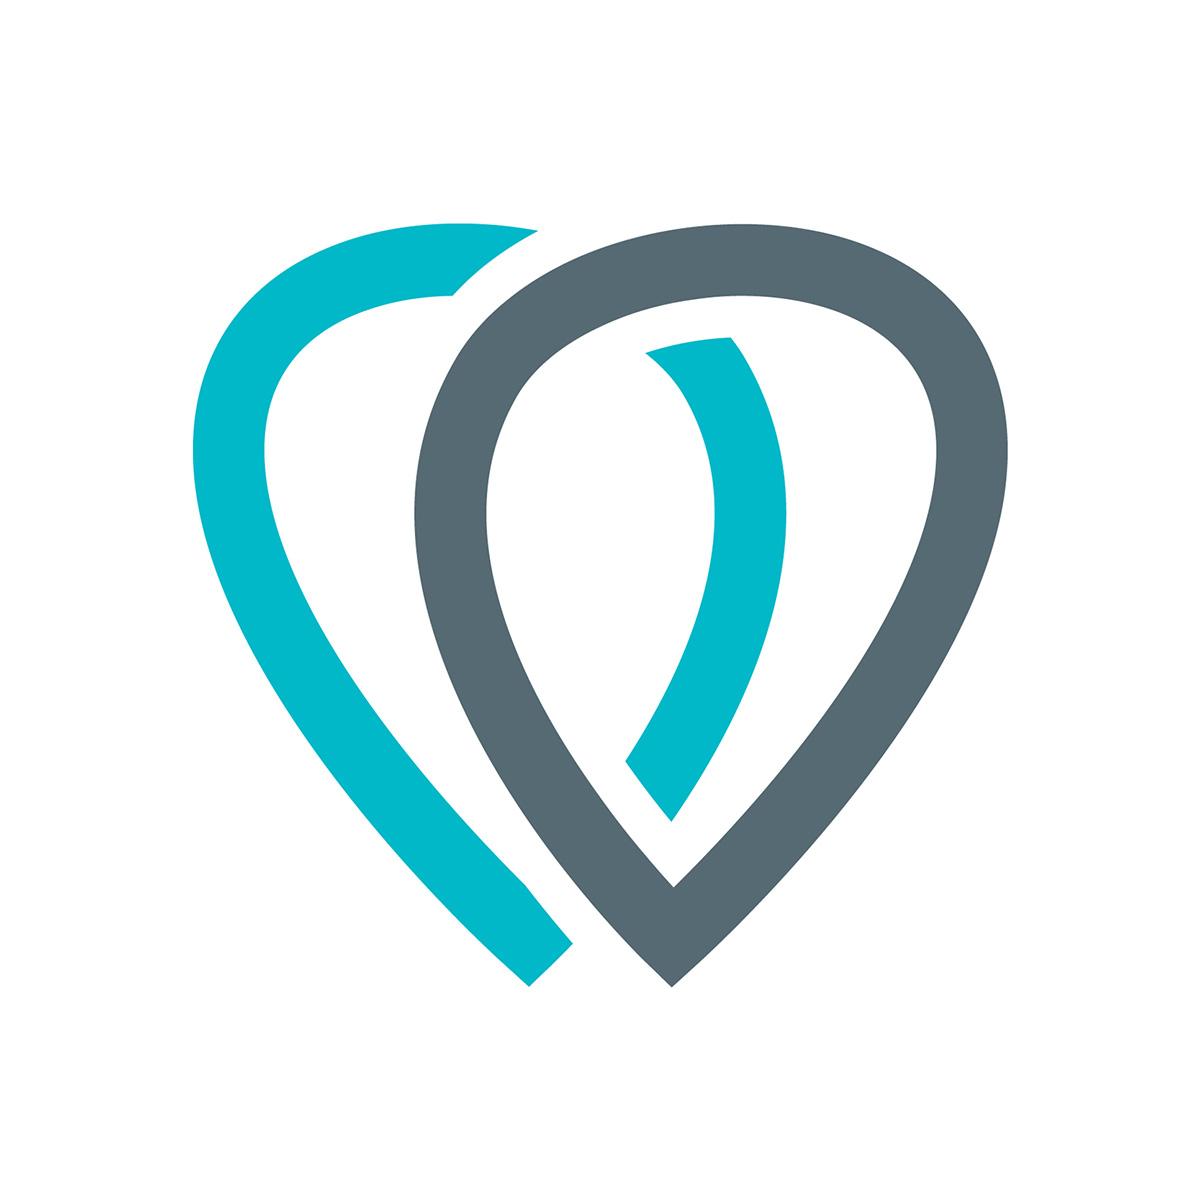 logo_RM_symbol_kwadrat